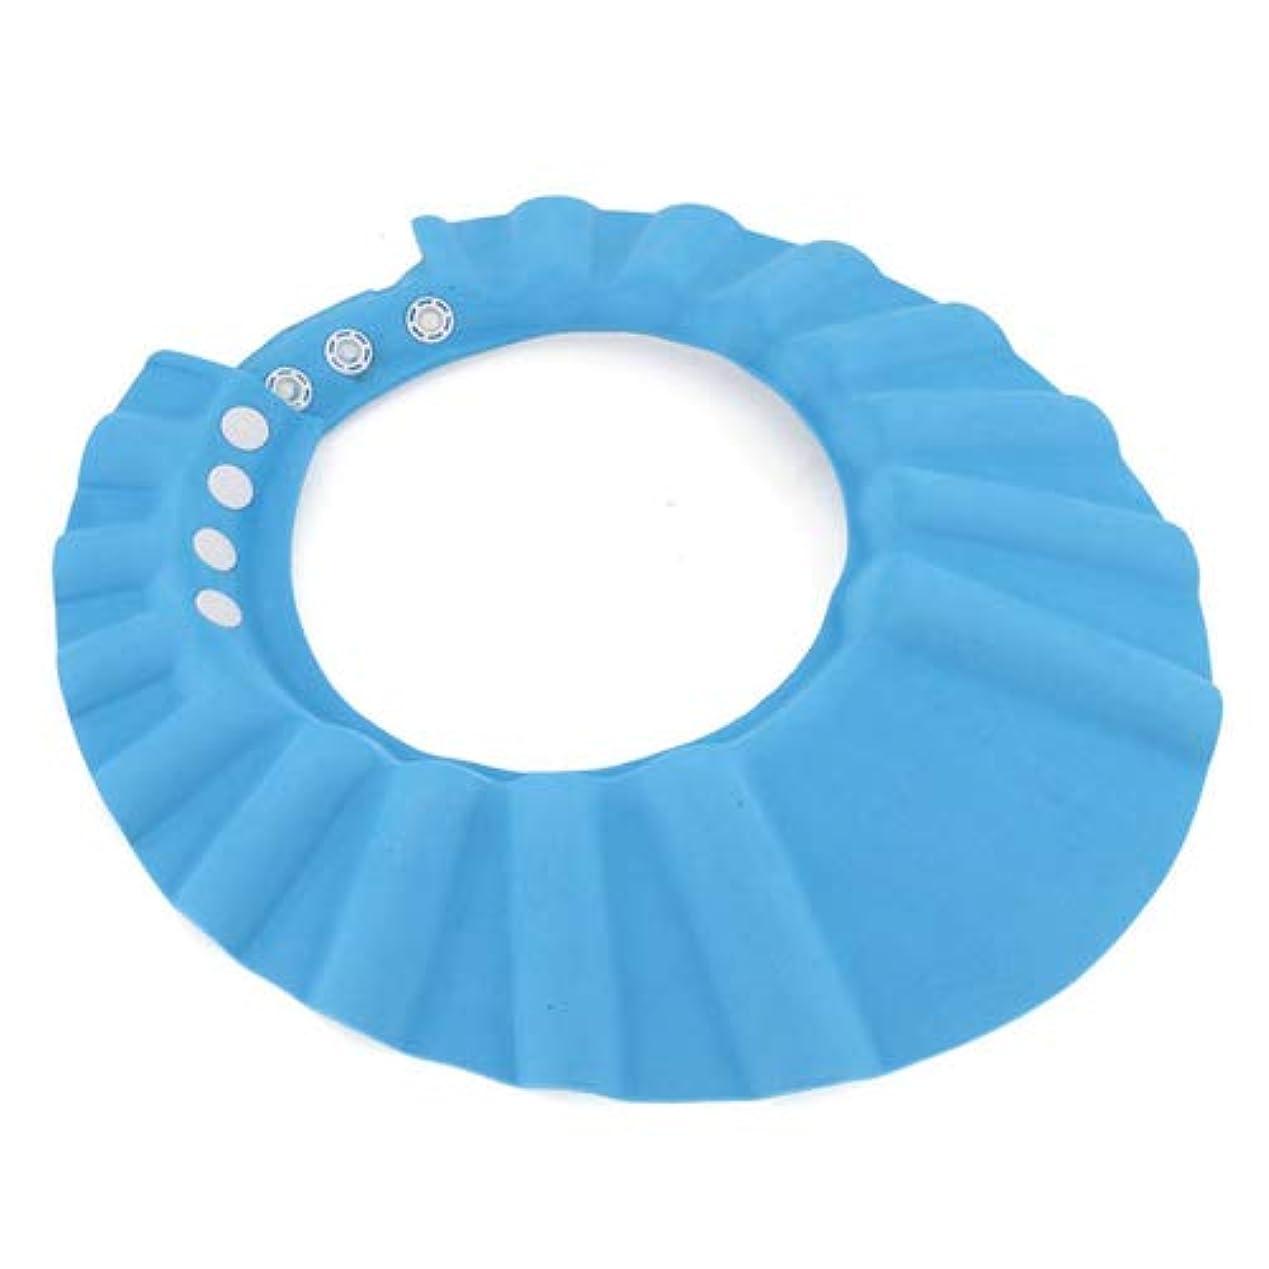 製造クリケットお金シャンプーハット 子供 シャンプーキャップ 洗髪用帽子お風呂 サイズ 調整可能 防水帽